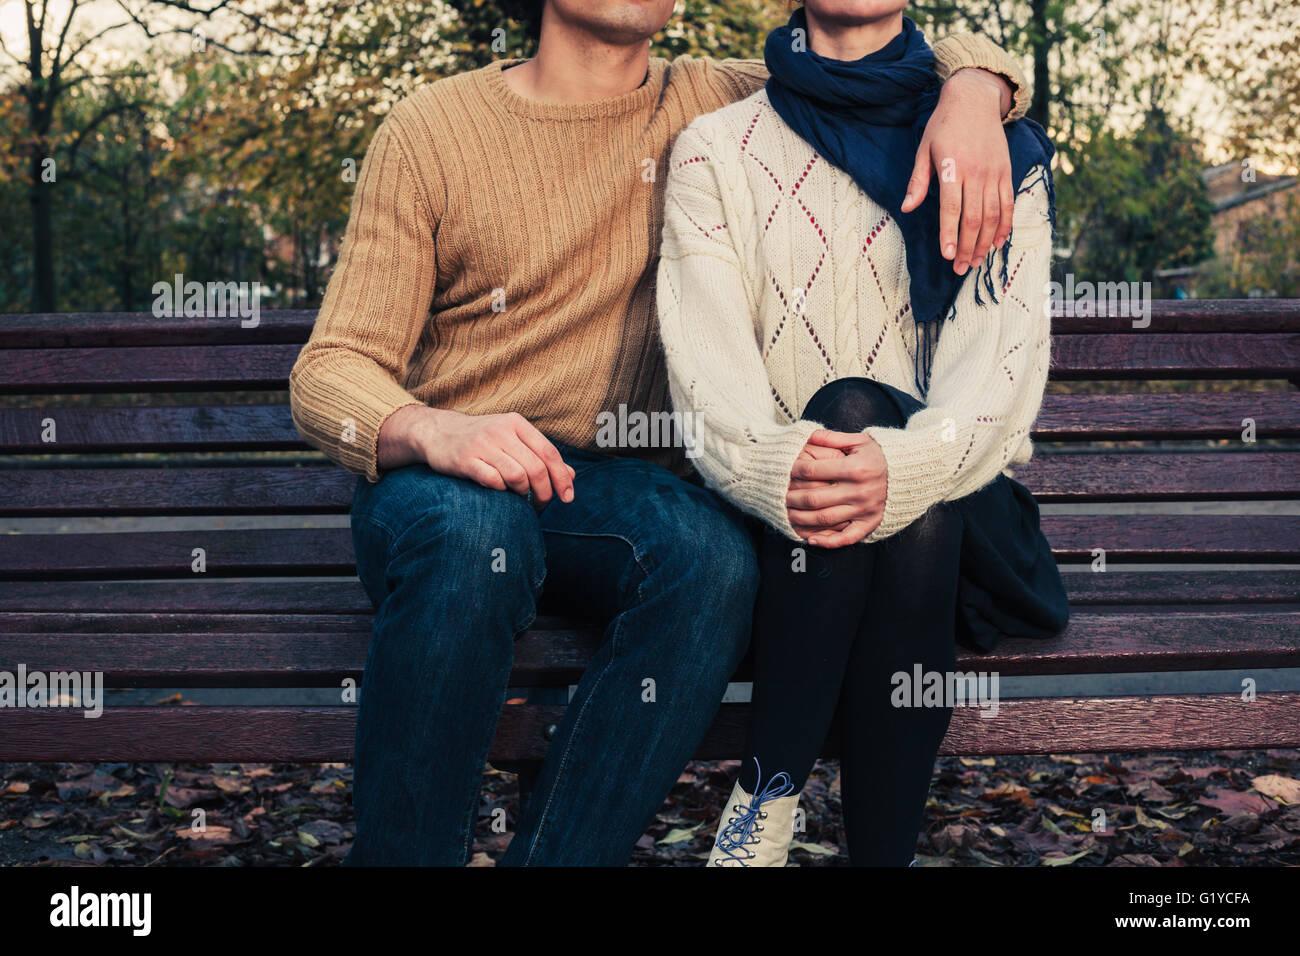 Una giovane coppia è seduta e la tenuta di ciascun altro su una panchina nel parco in autunno Immagini Stock